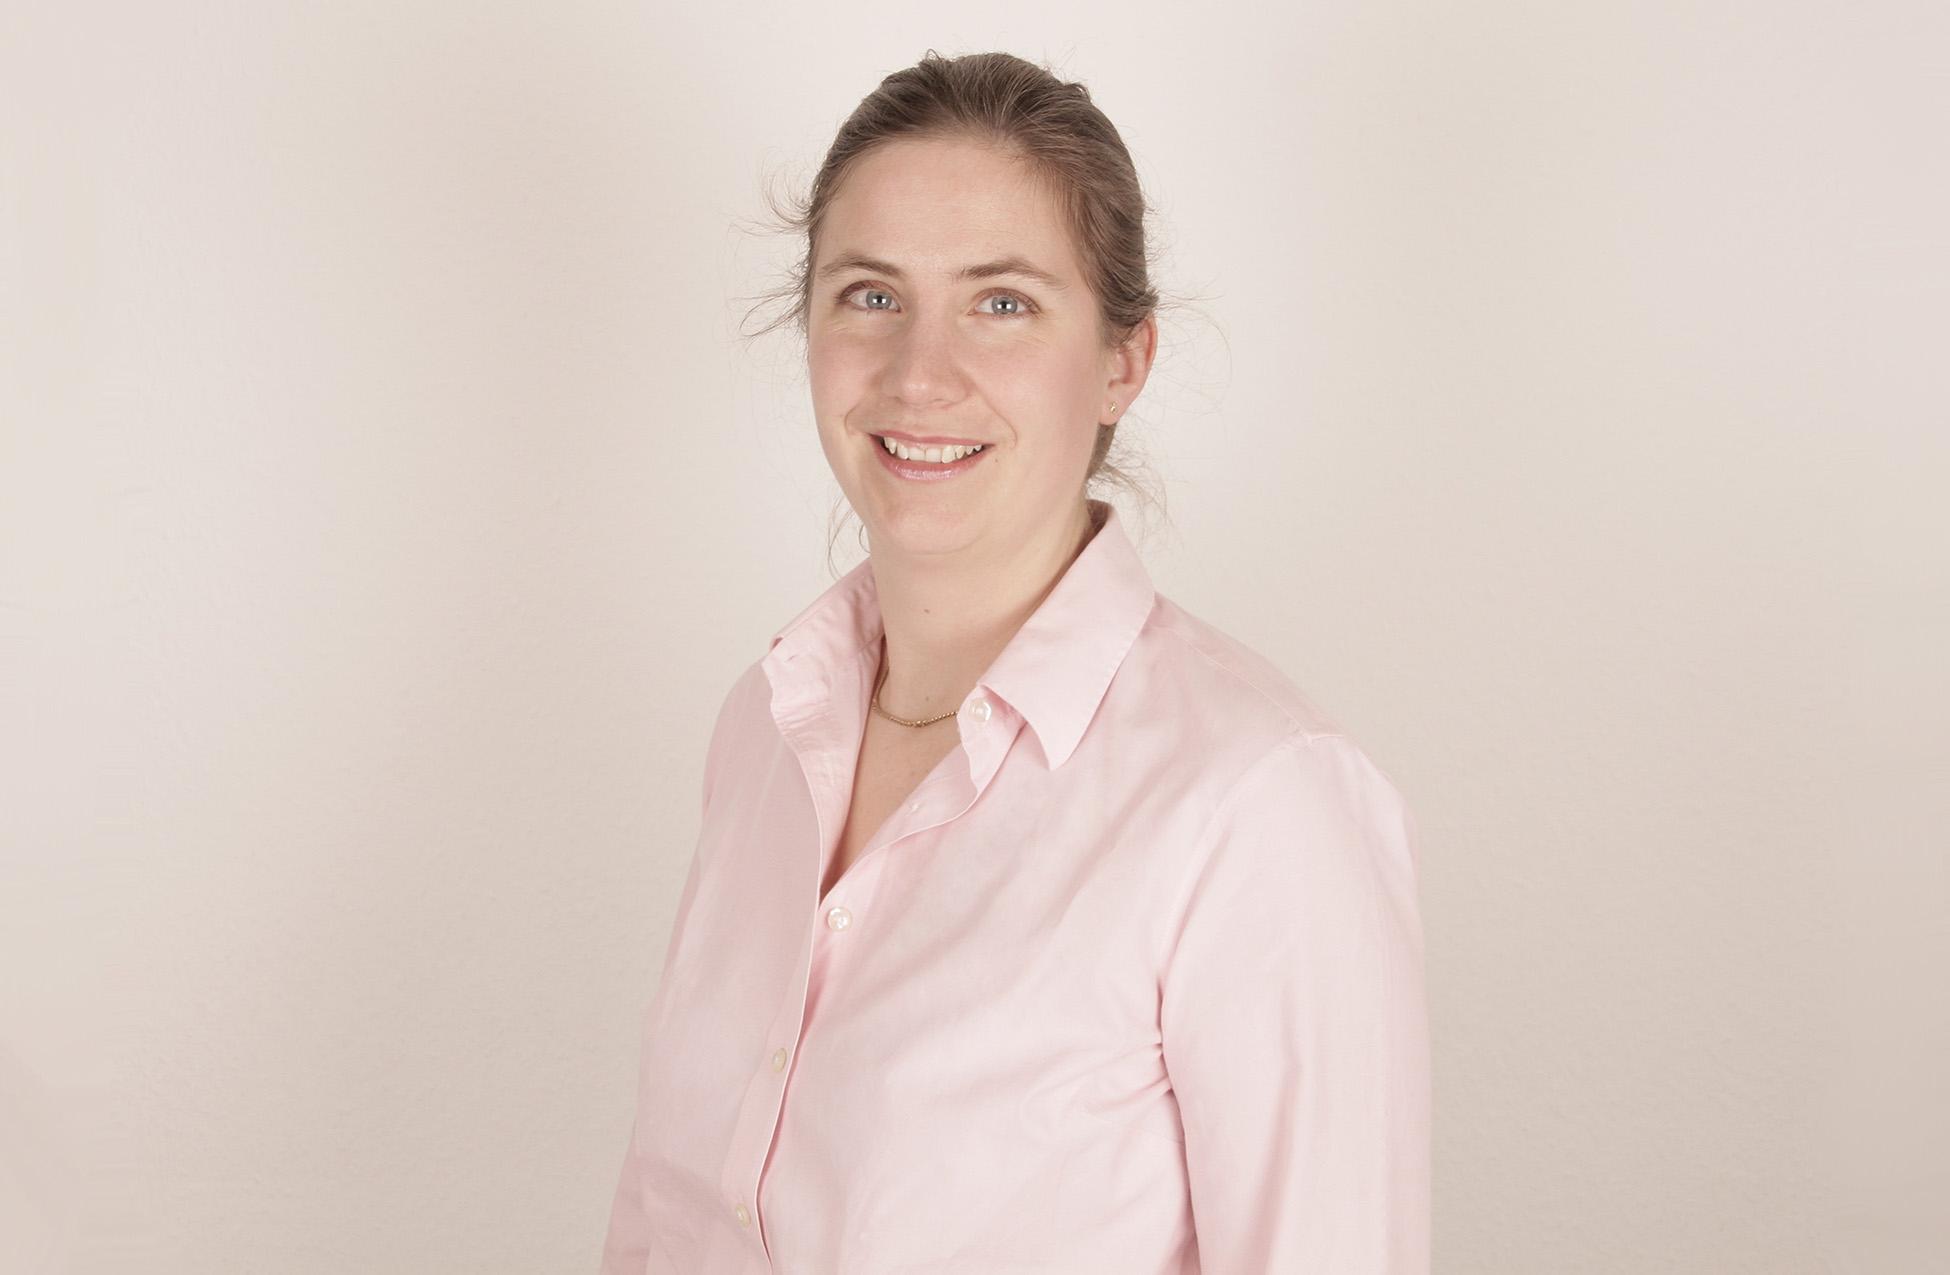 Bild von Frau Dr. Spitzner, Augenarzt Taufkirchen